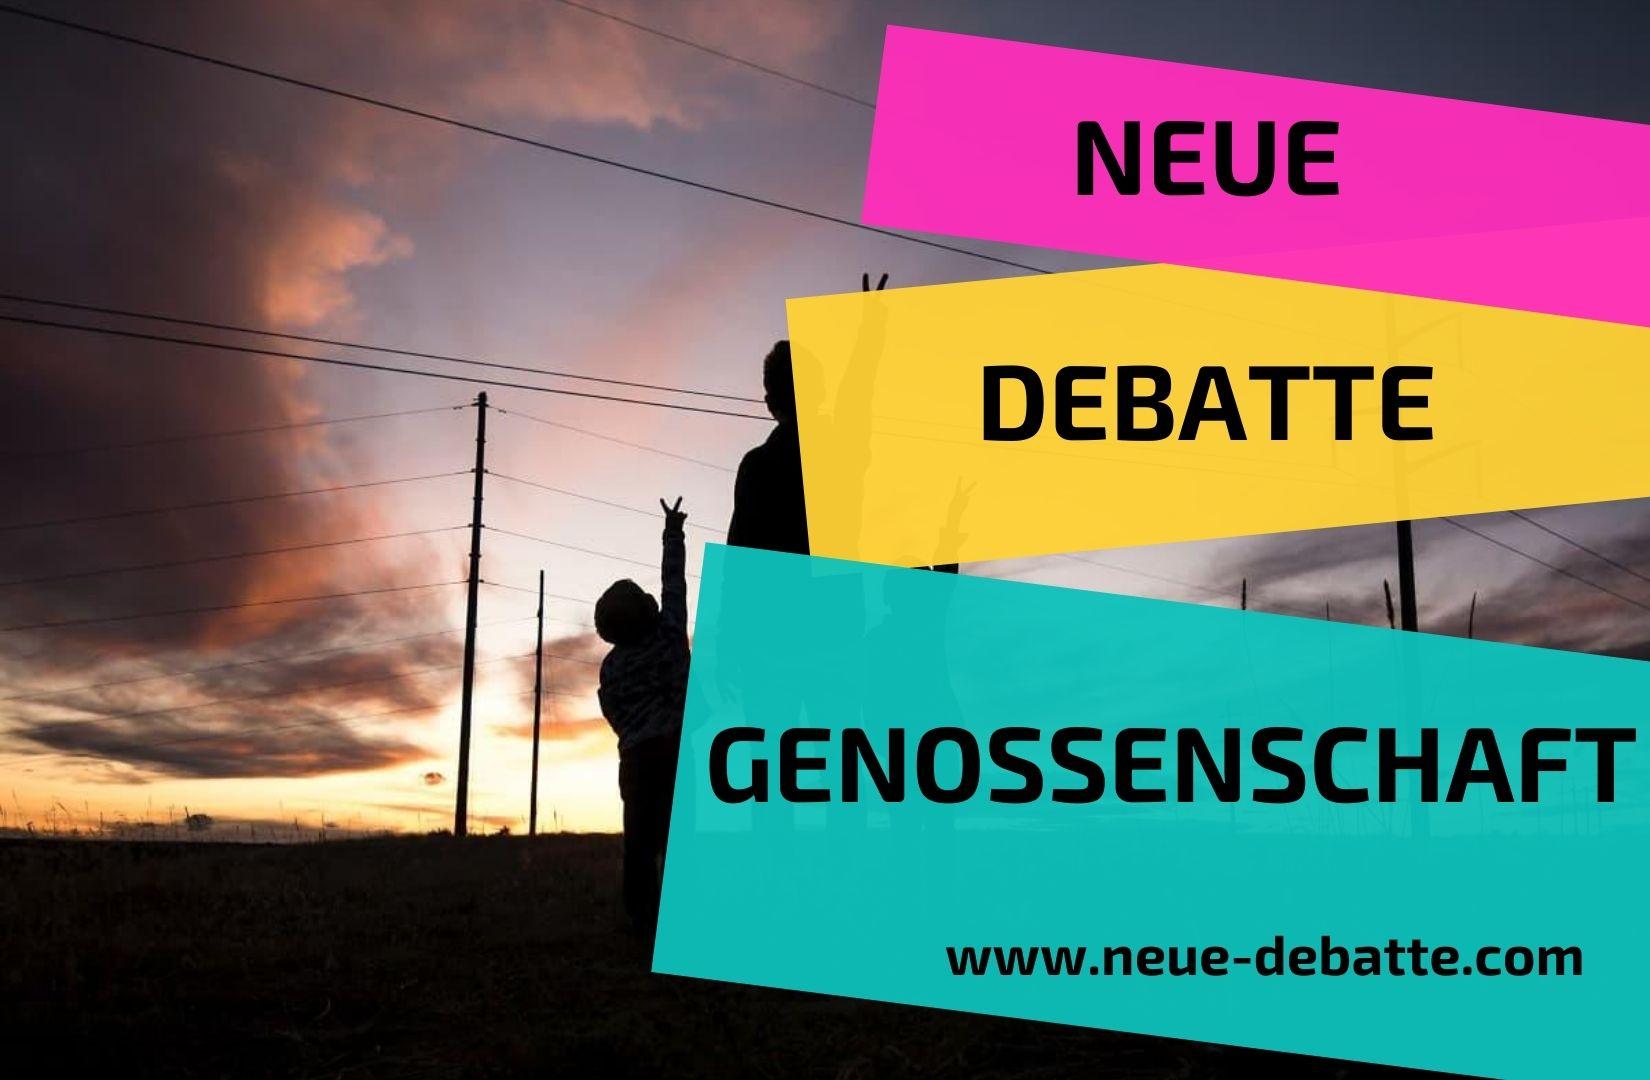 Neue Debatte Genossenschaft